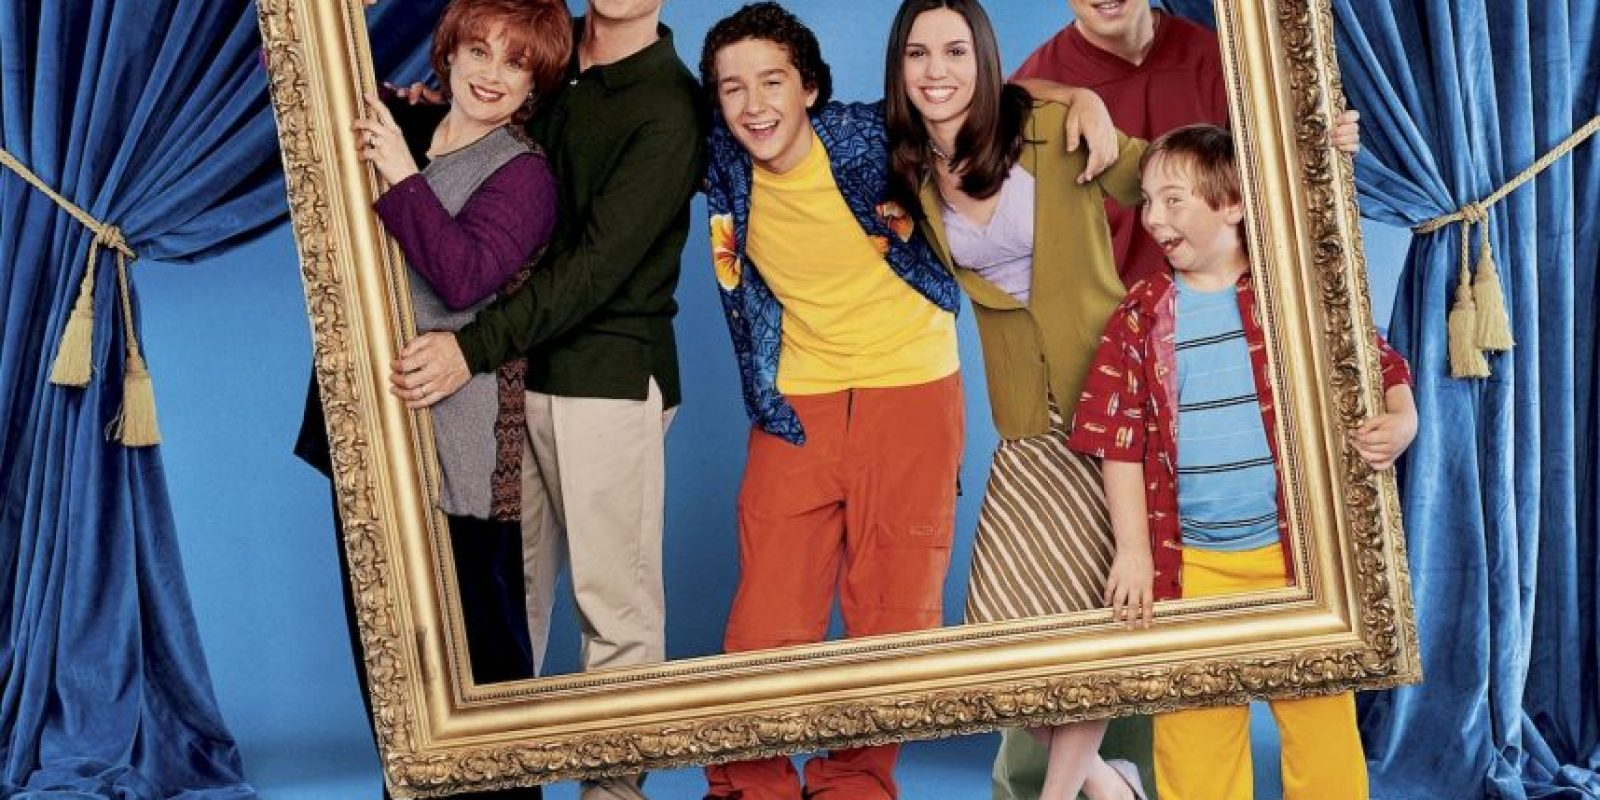 Foto:Disney Channel